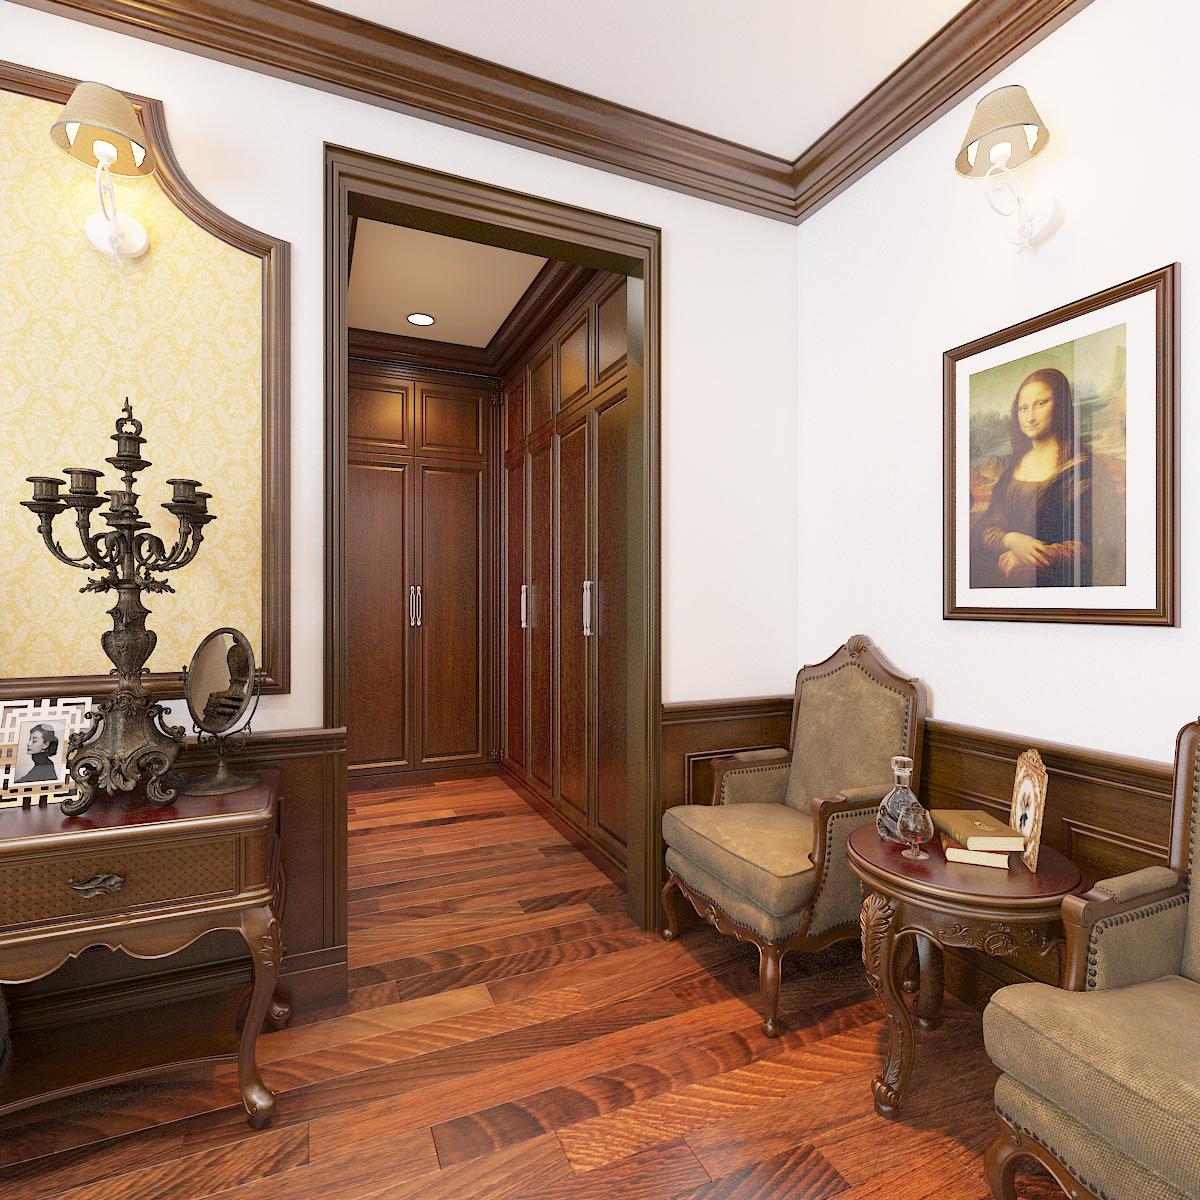 thiết kế nội thất Biệt Thự tại Hà Nội bt Vinhomes - riverside 35 1568276275